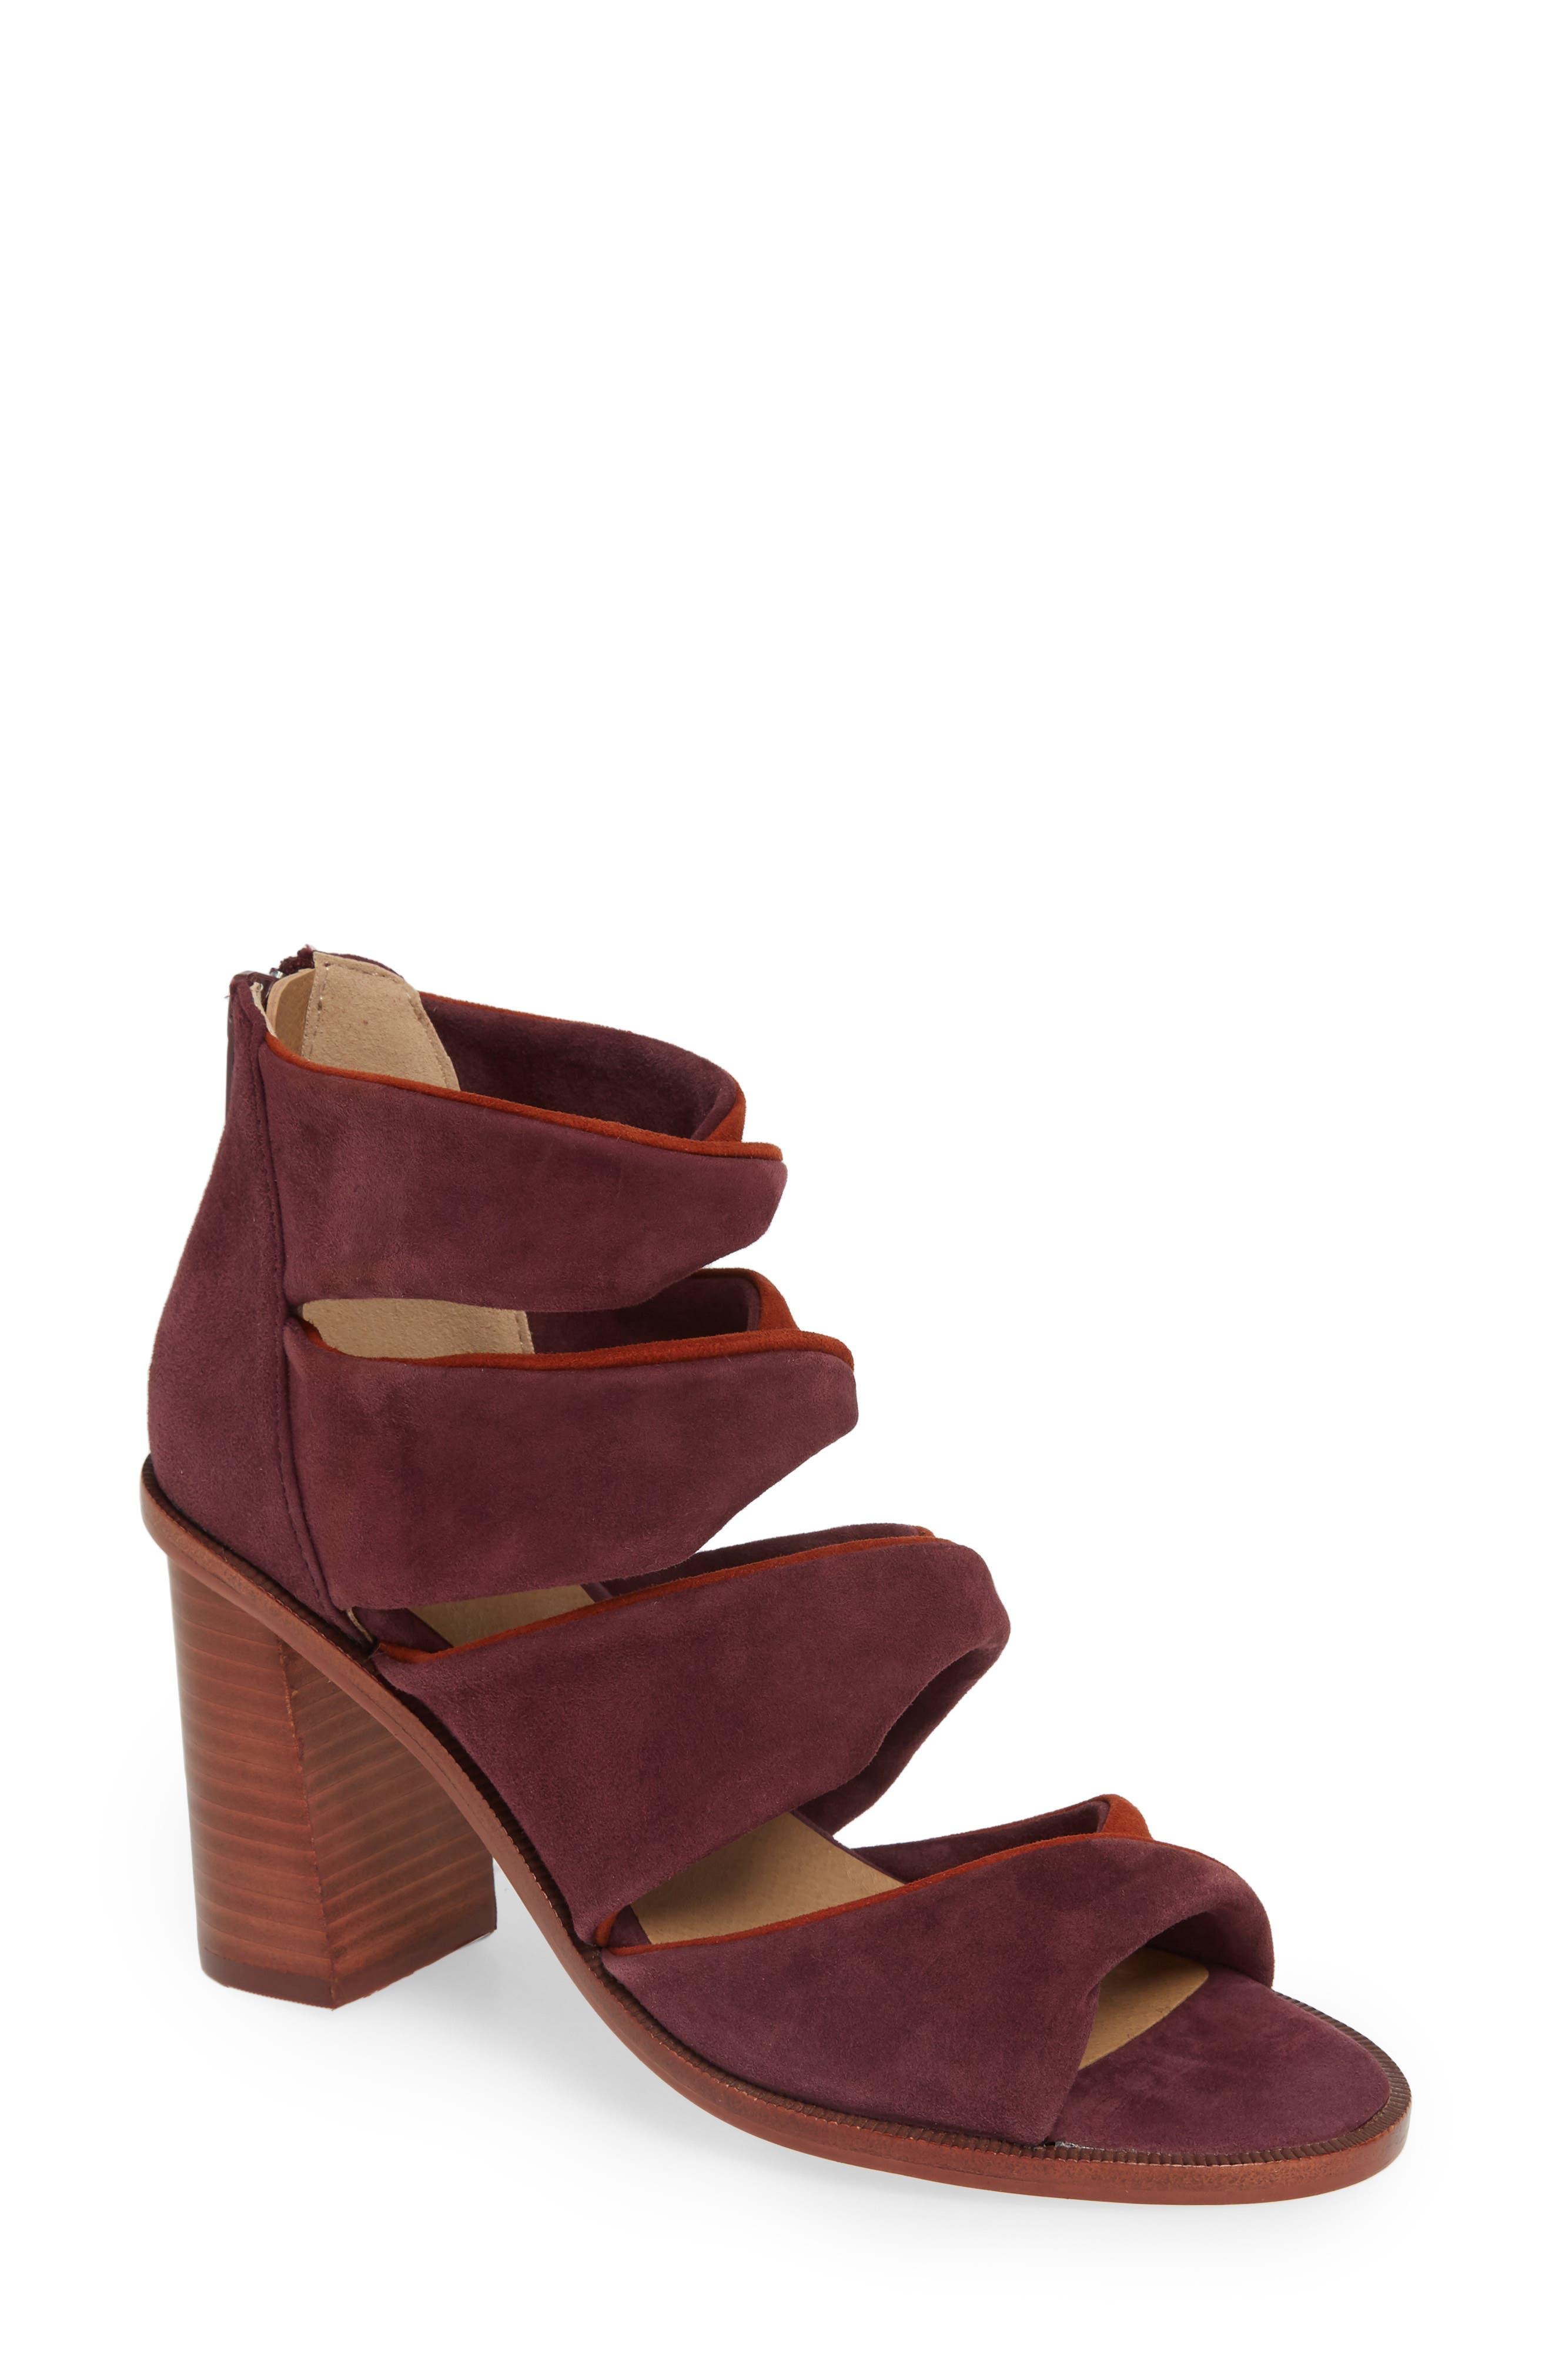 a1b024bd53c024 Women s M4D3 Sandals